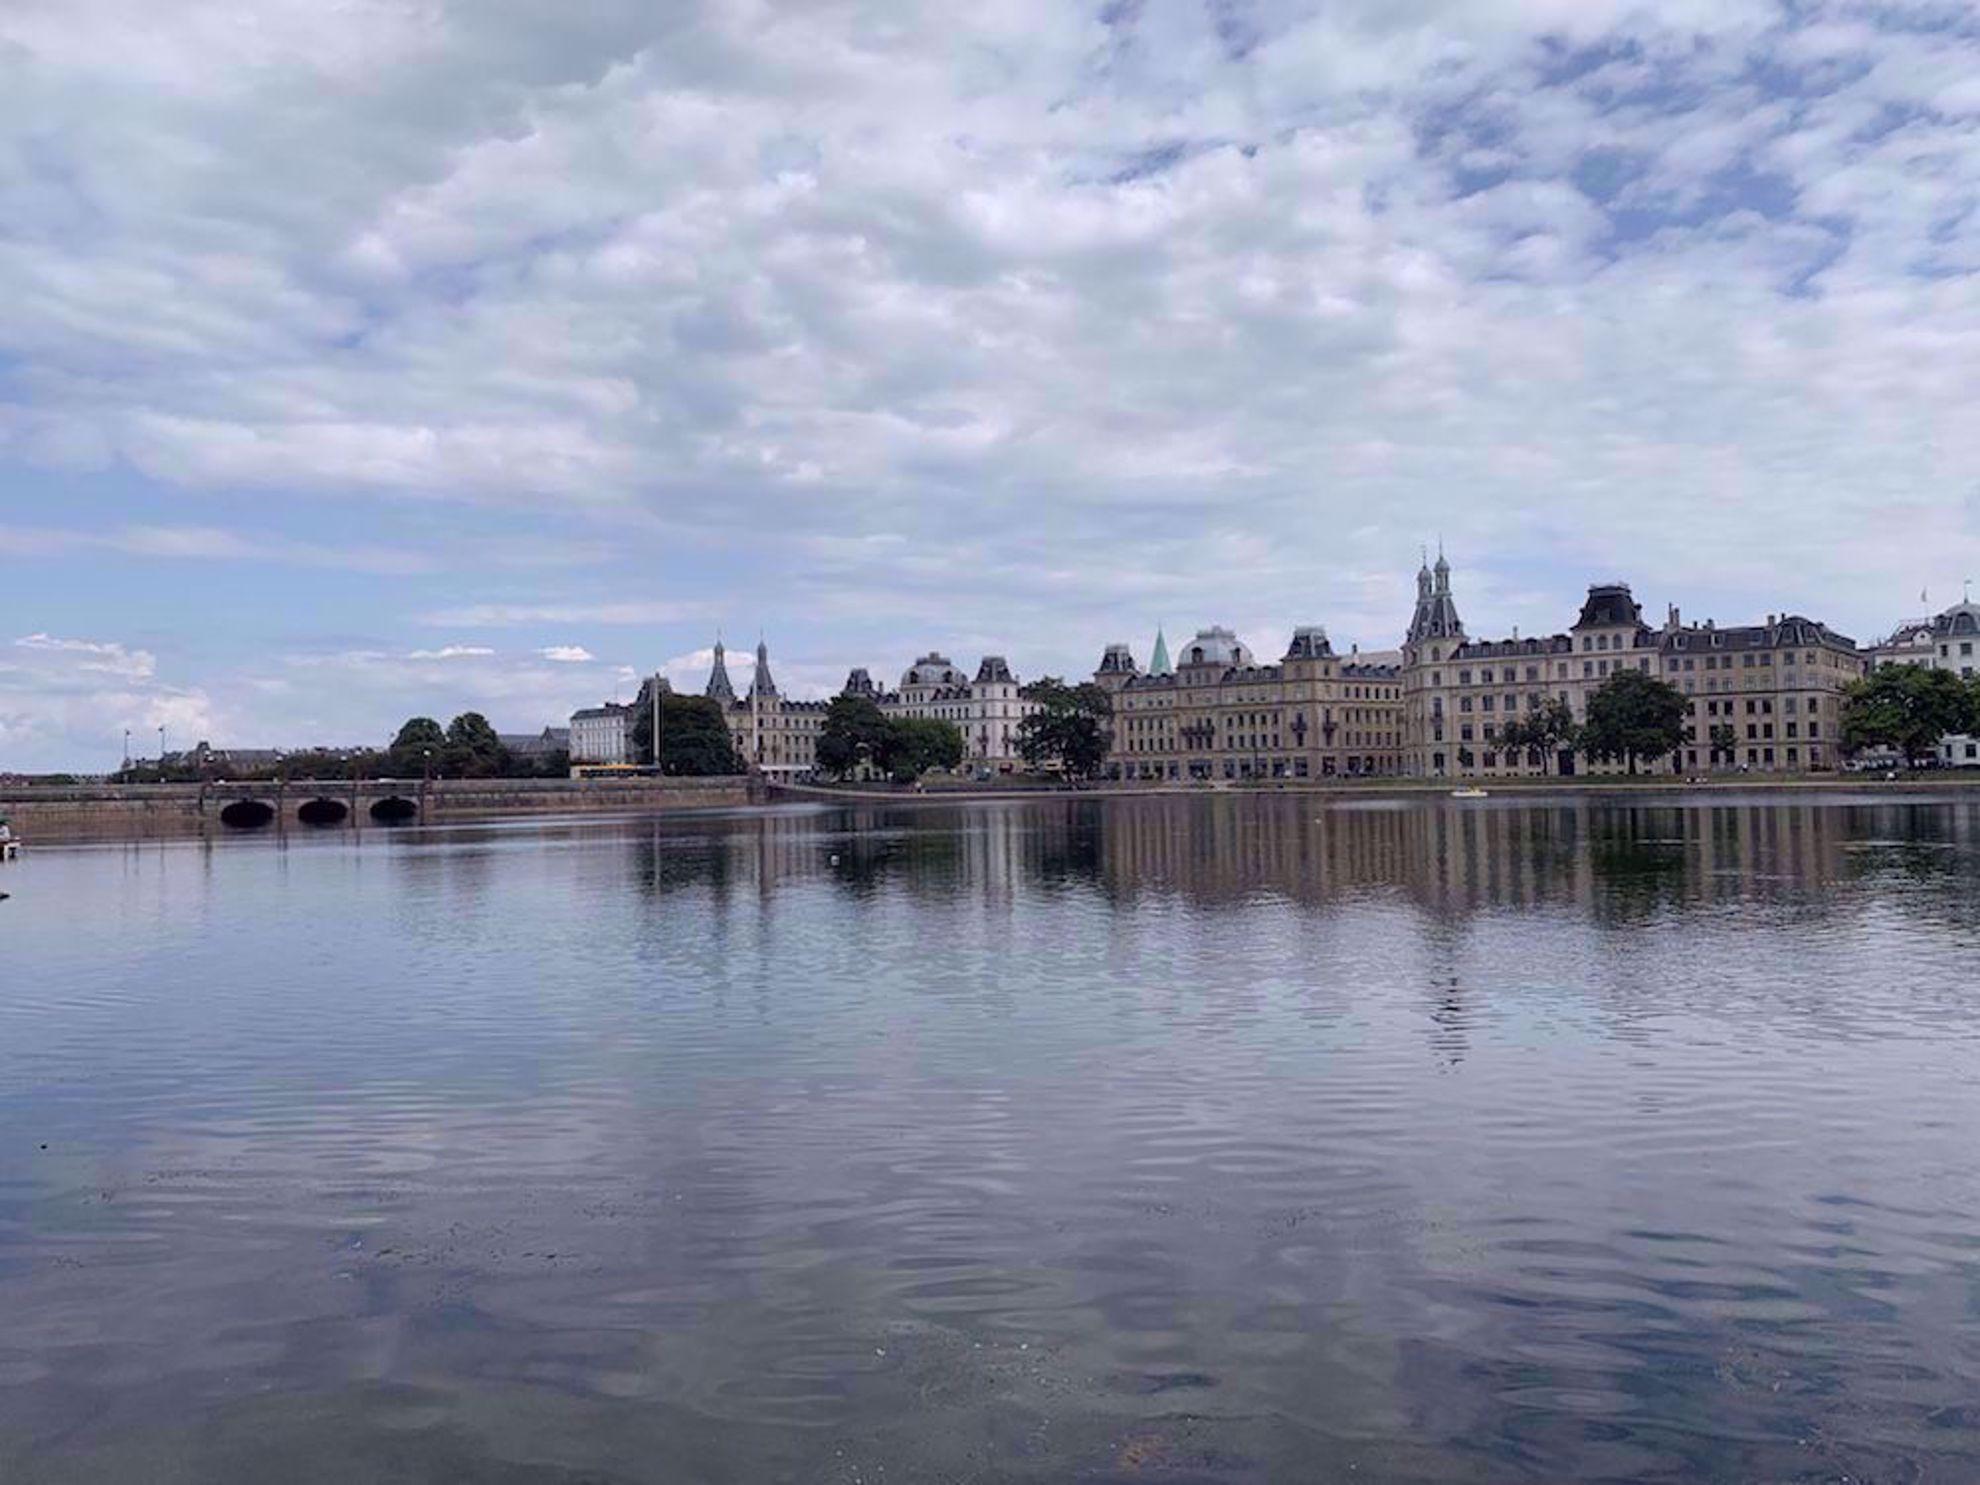 Copenhagen across water